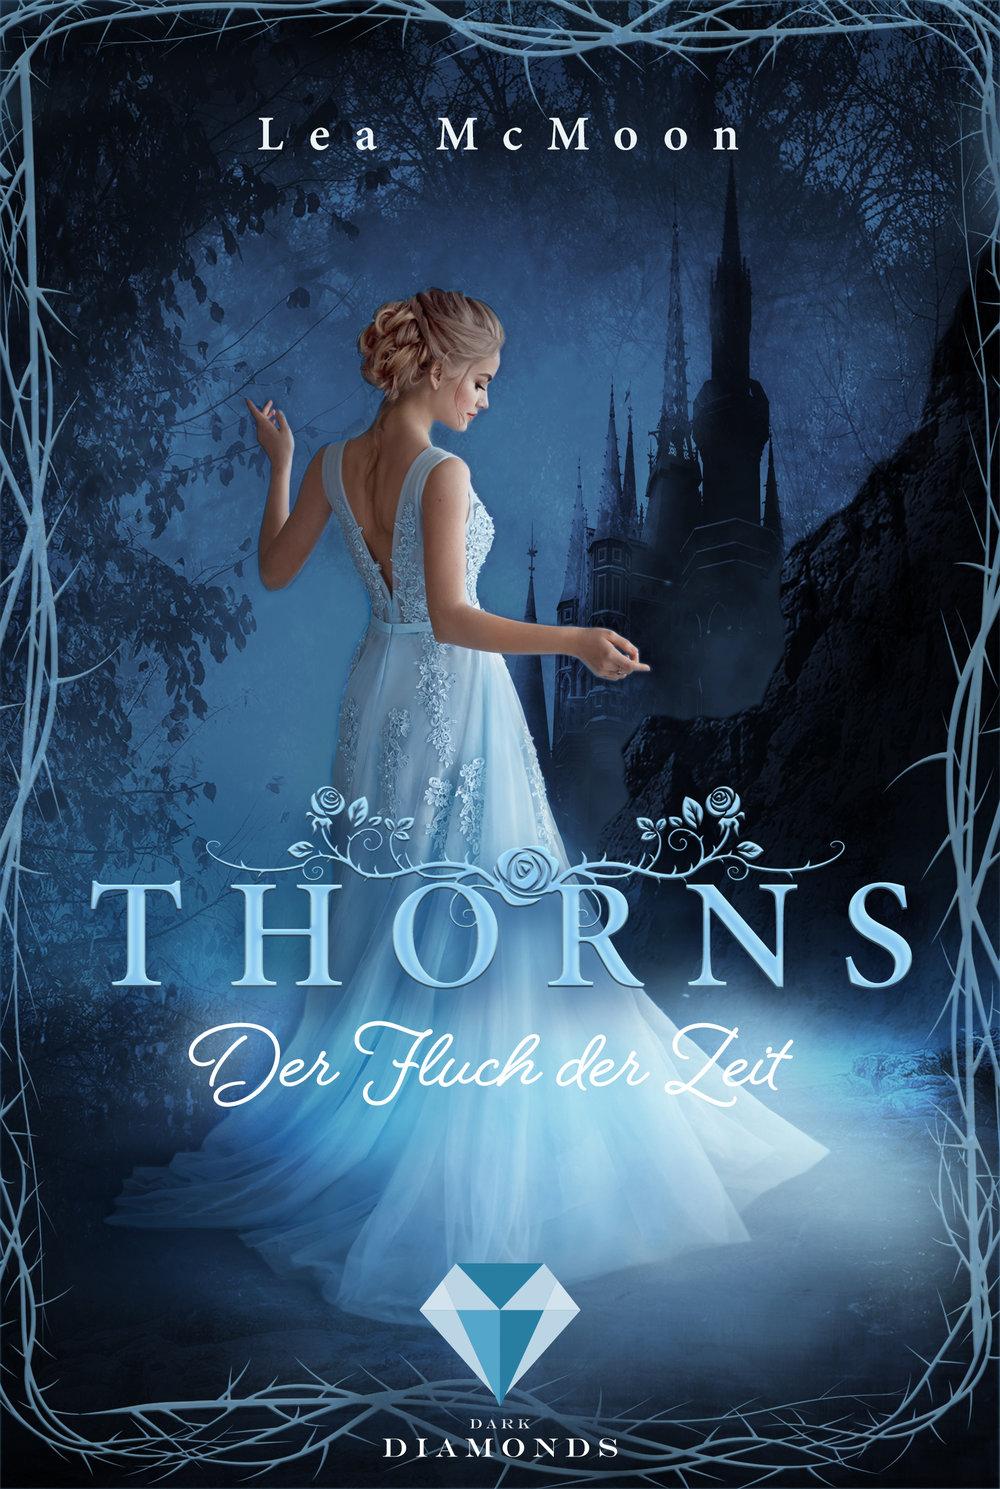 Thorns-Fluch-der-Zeit_Lea-McMoon.jpg